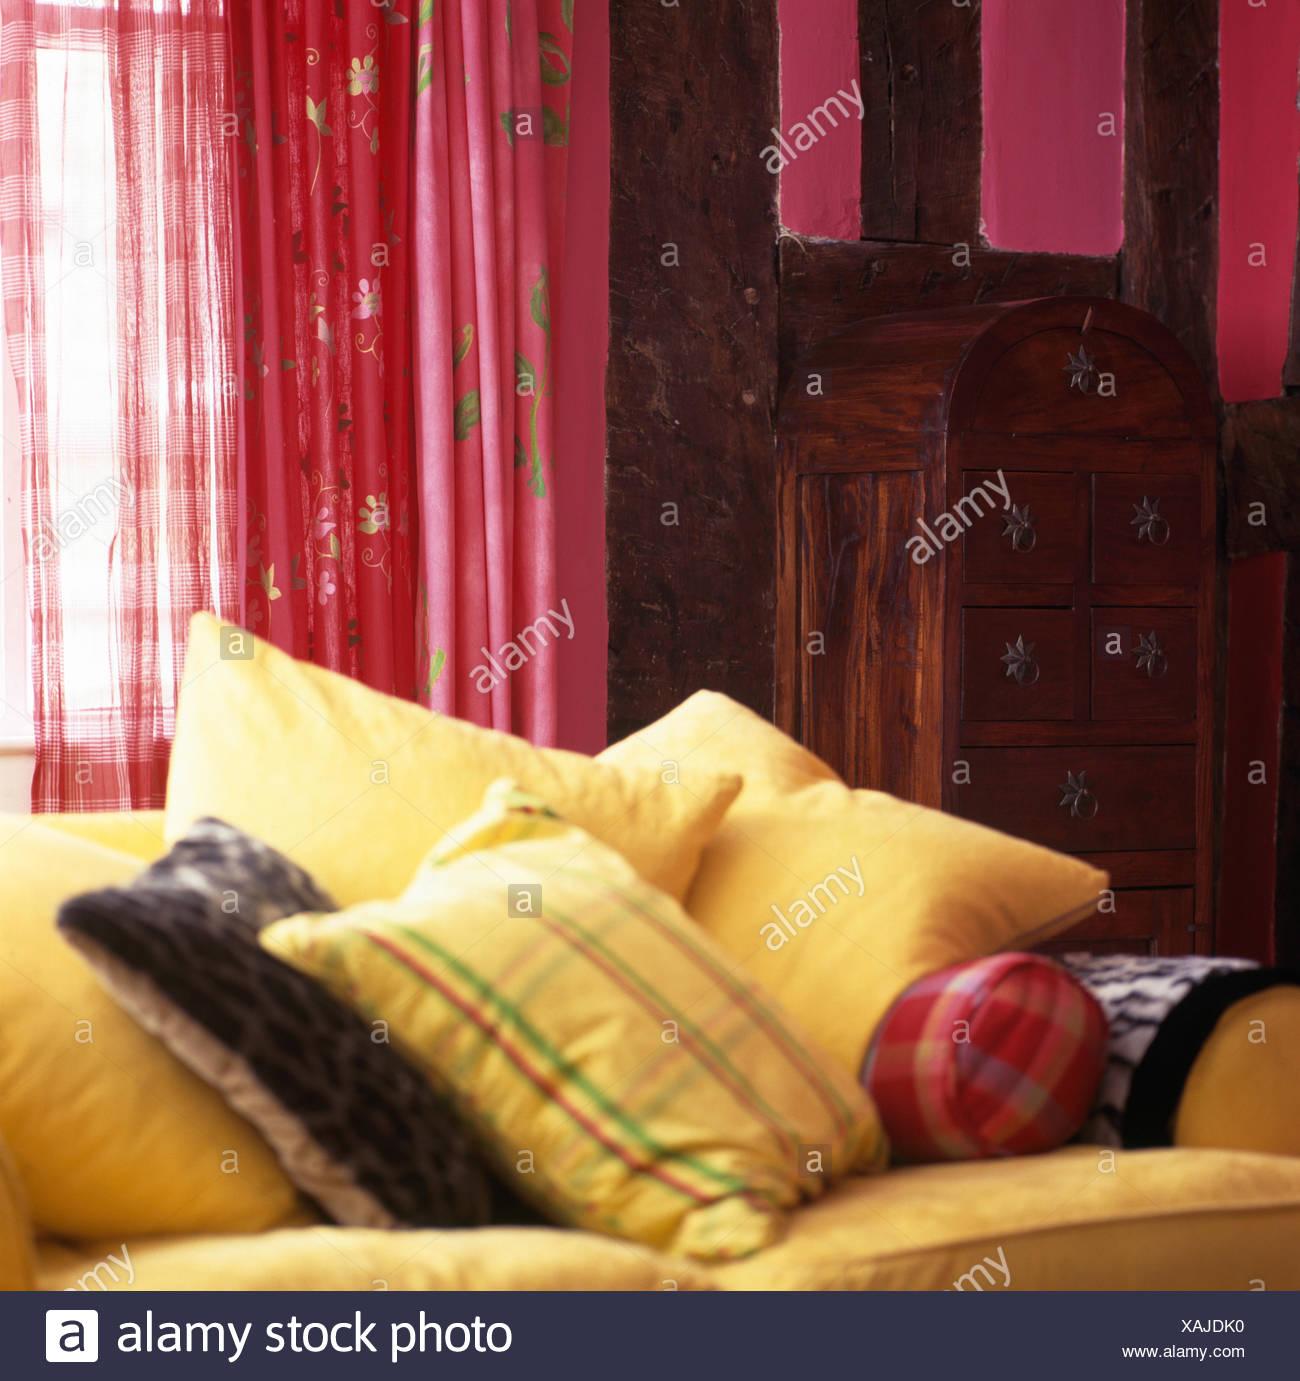 Gelbes Kissen Auf Gelben Sofa Vor Fenster Mit Rosa Vorhängen In Einer  Neunziger Jahre Wohnzimmer Mit Rustikaler Holzschrank